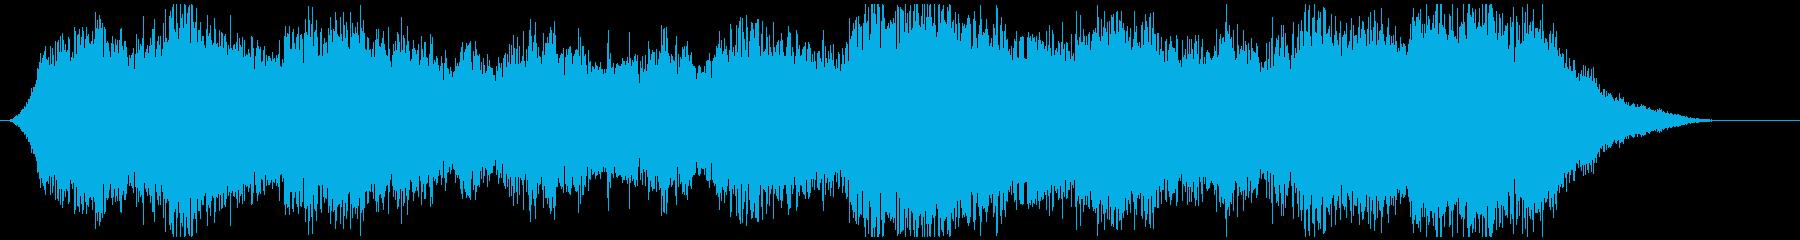 サスペンス映画の犯罪の場面の音楽の再生済みの波形